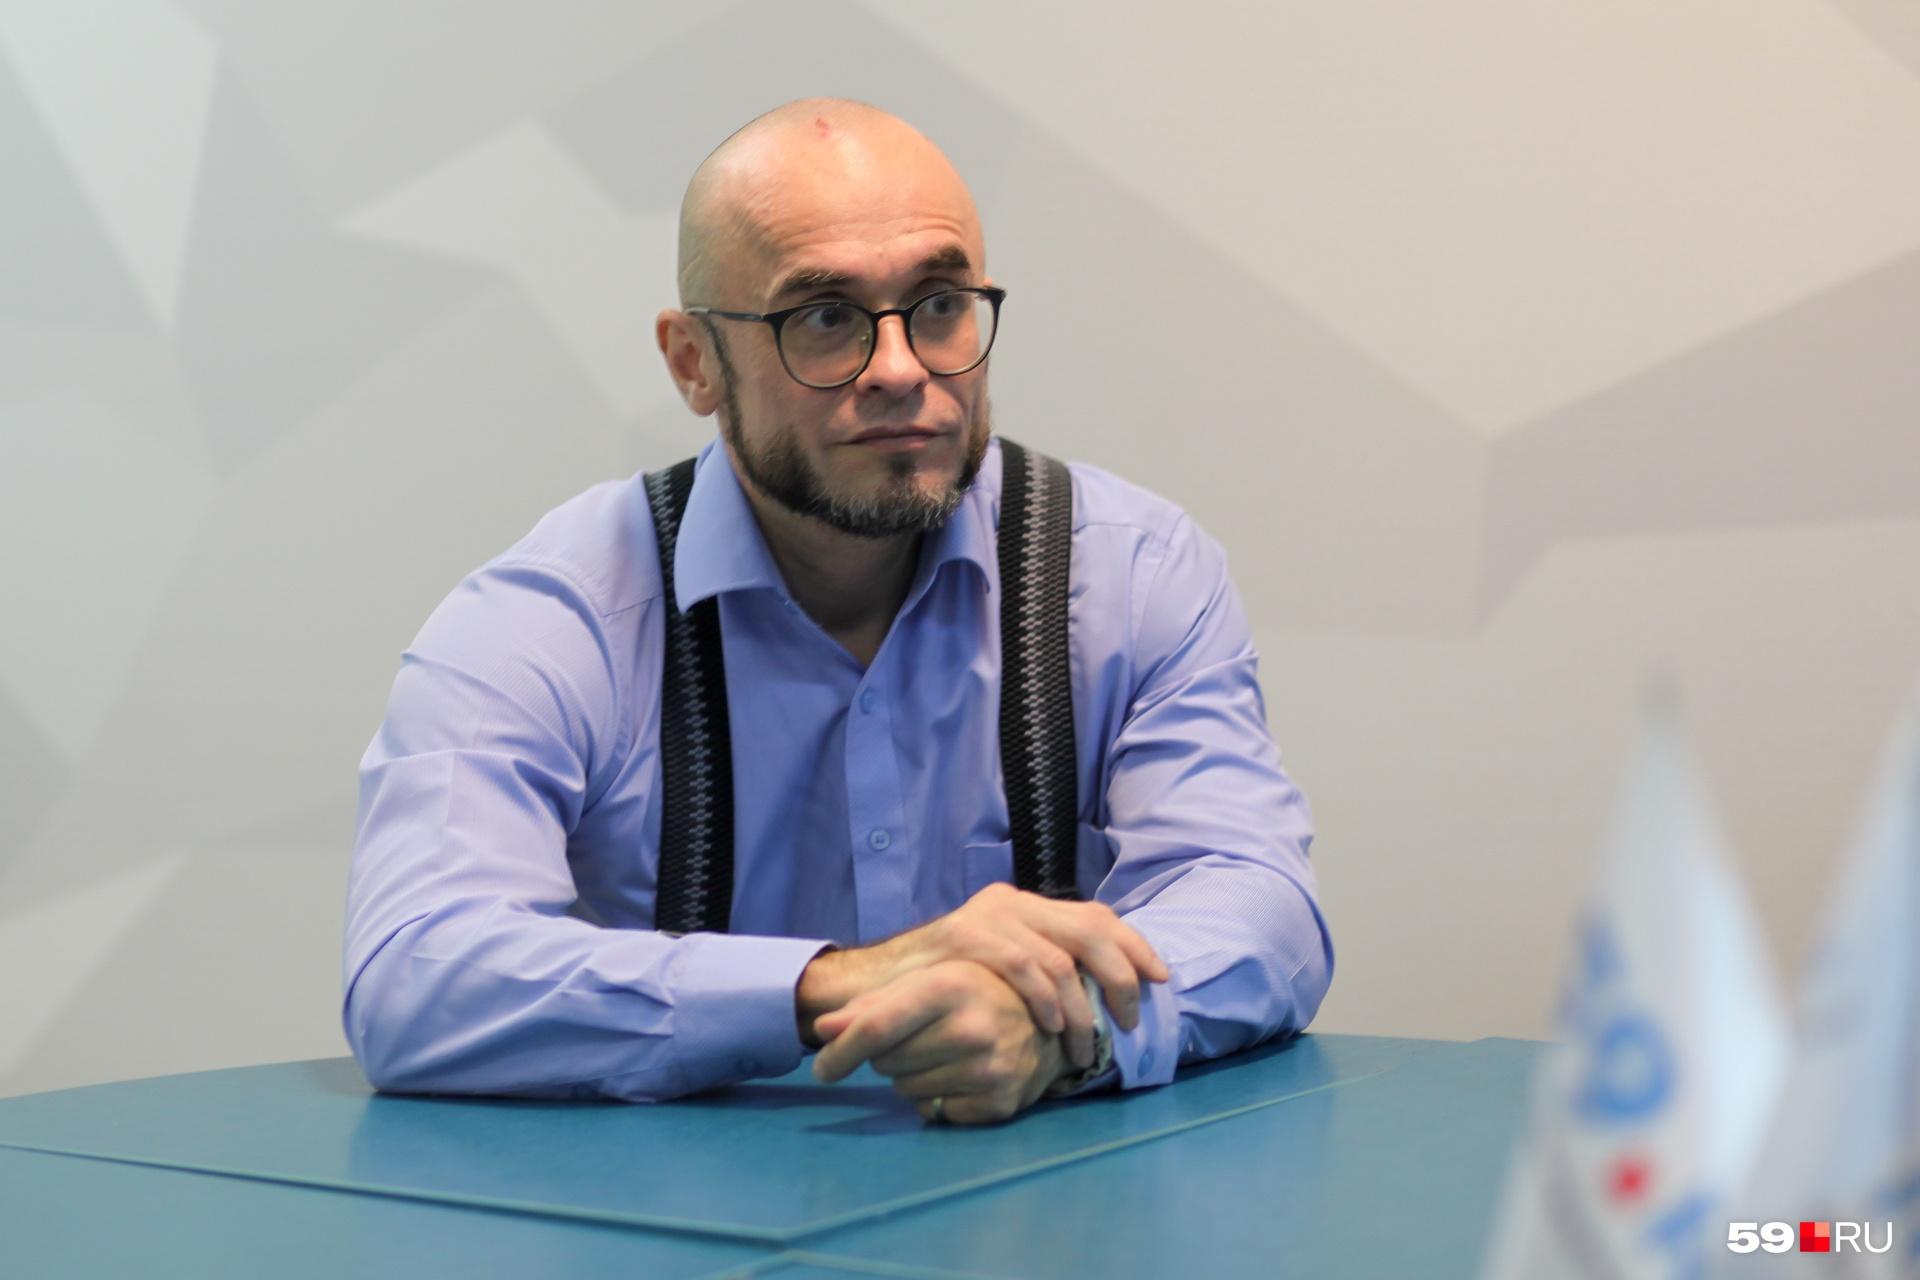 Андрей Хохряков убежден, что психиатры стали чаще болеть из-за выросшей нагрузки